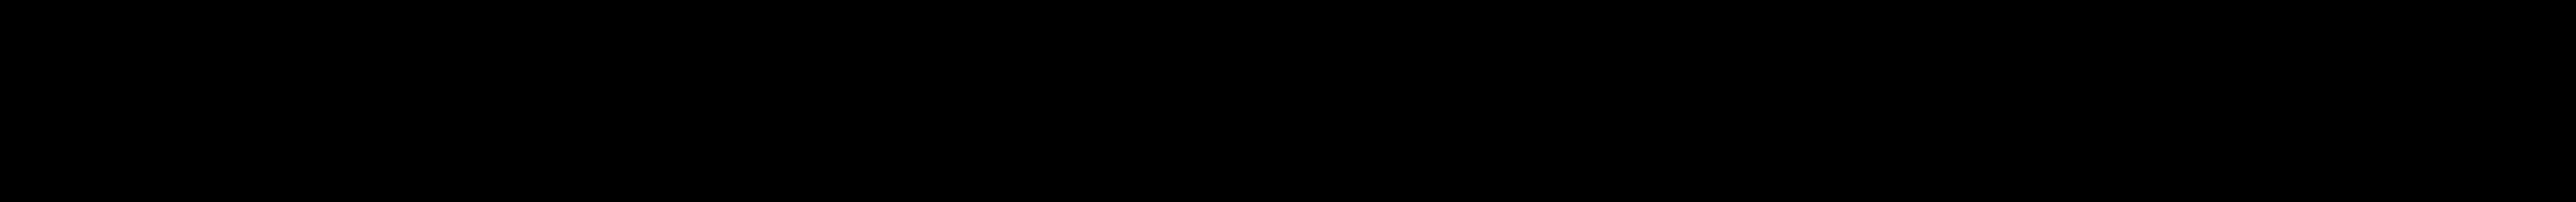 Silhouette,Logo,Text